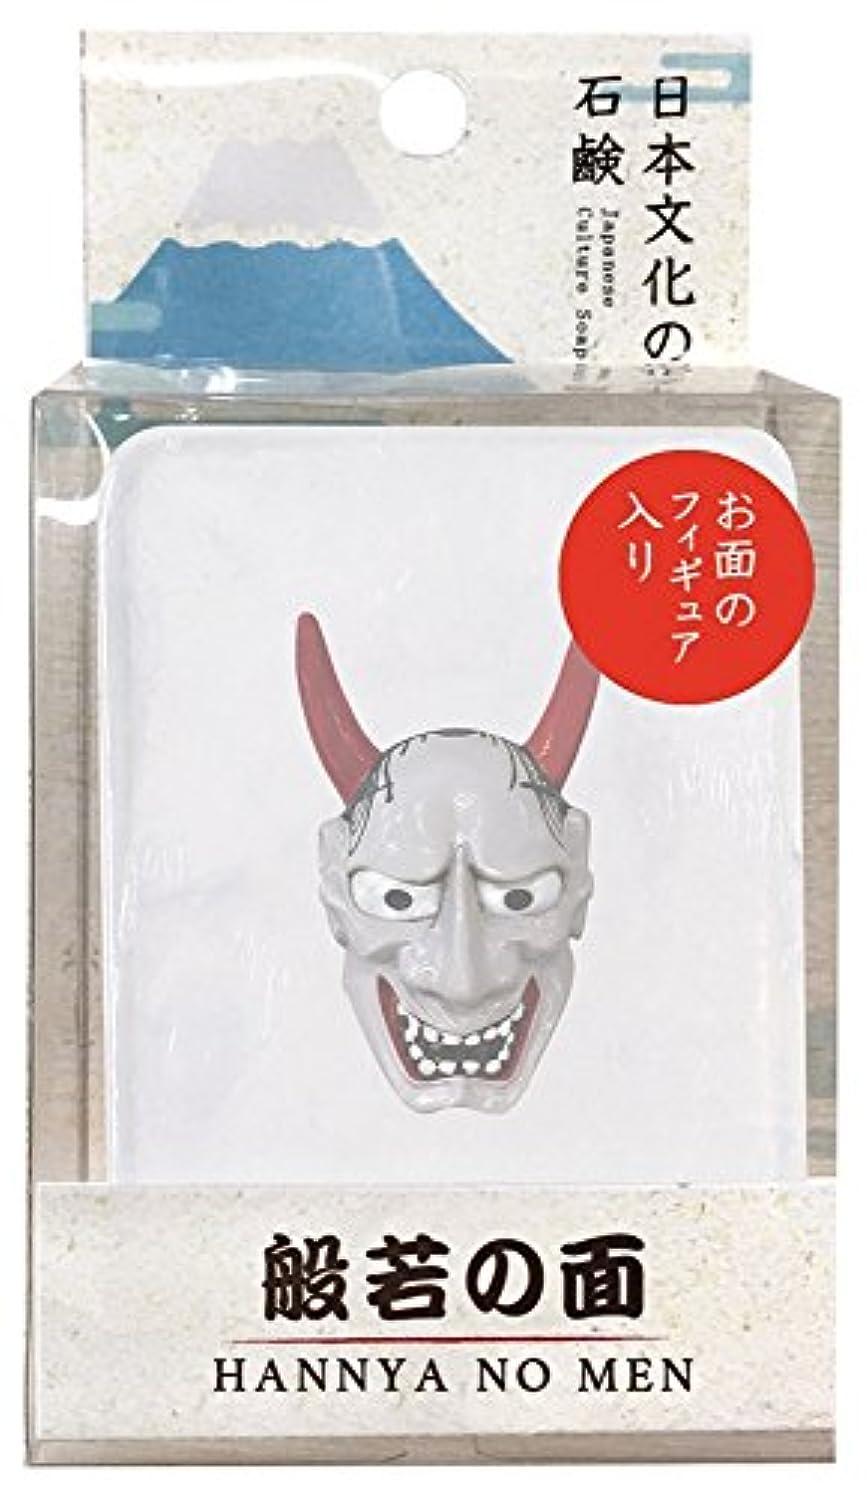 反毒政権受けるノルコーポレーション 石鹸 日本文化の石鹸 般若の面 140g フィギュア付き OB-JCP-1-6